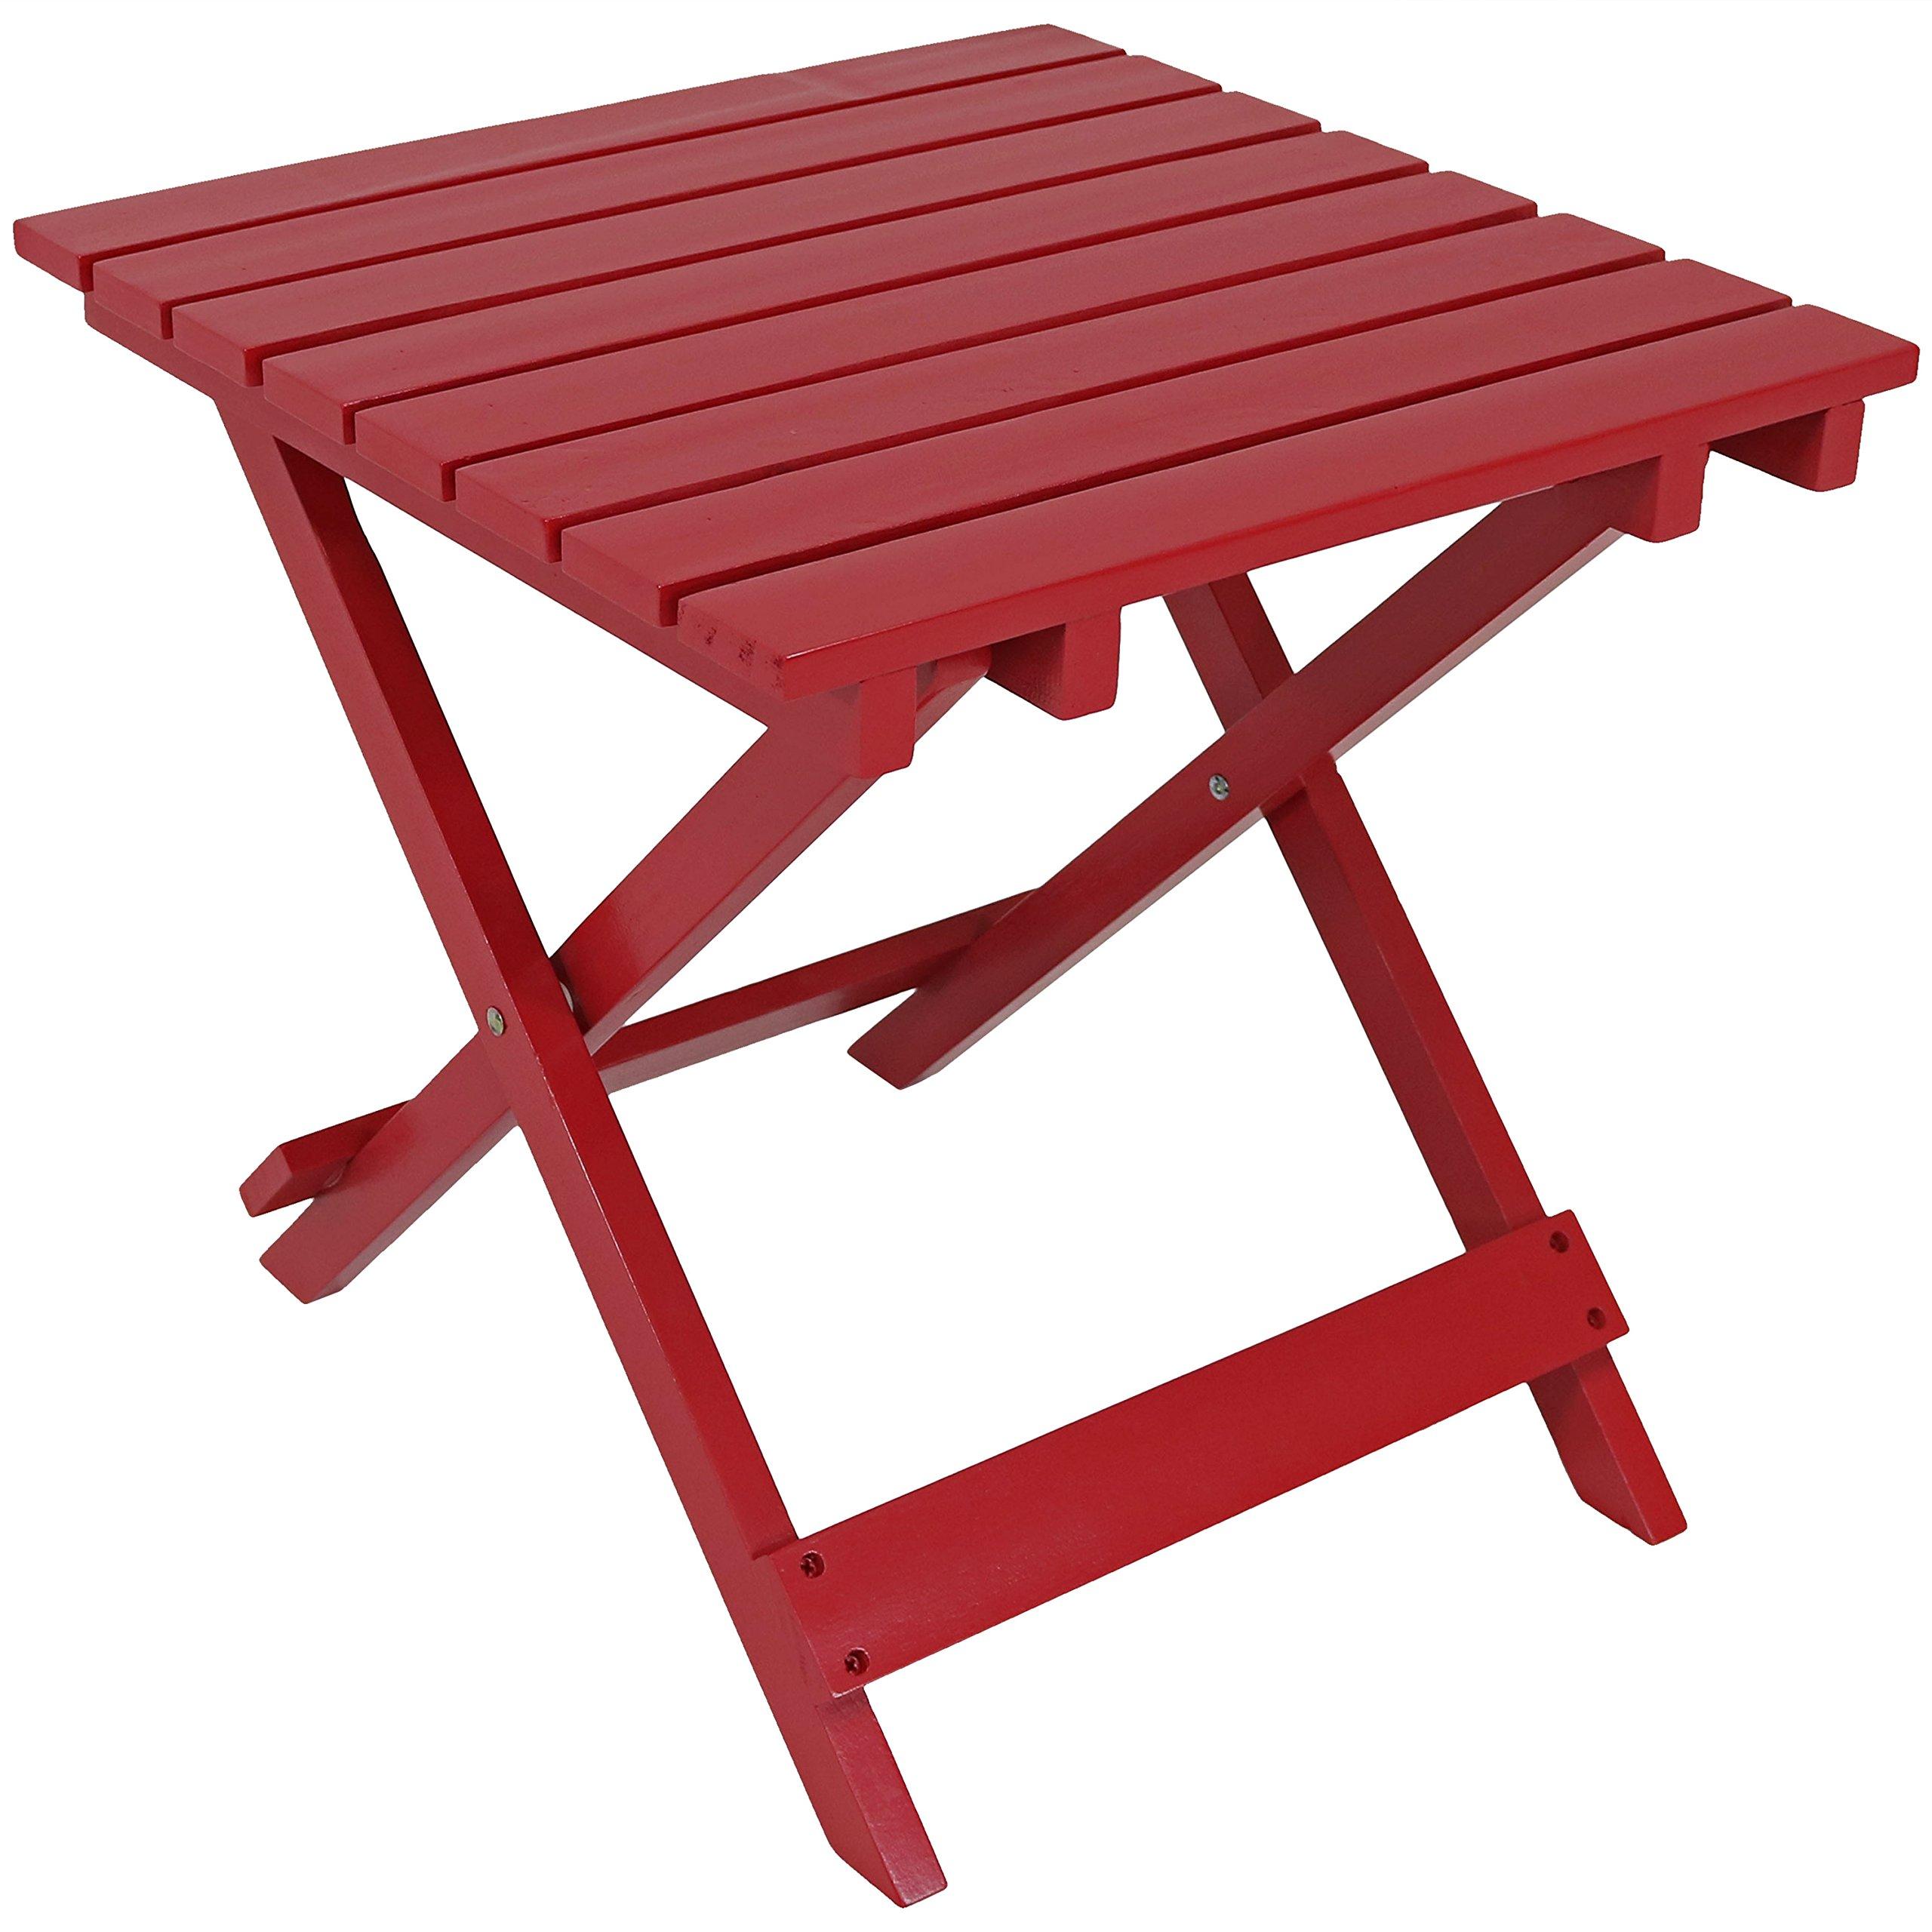 Sunnydaze Wood Adirondack Folding Patio Side Table, Red